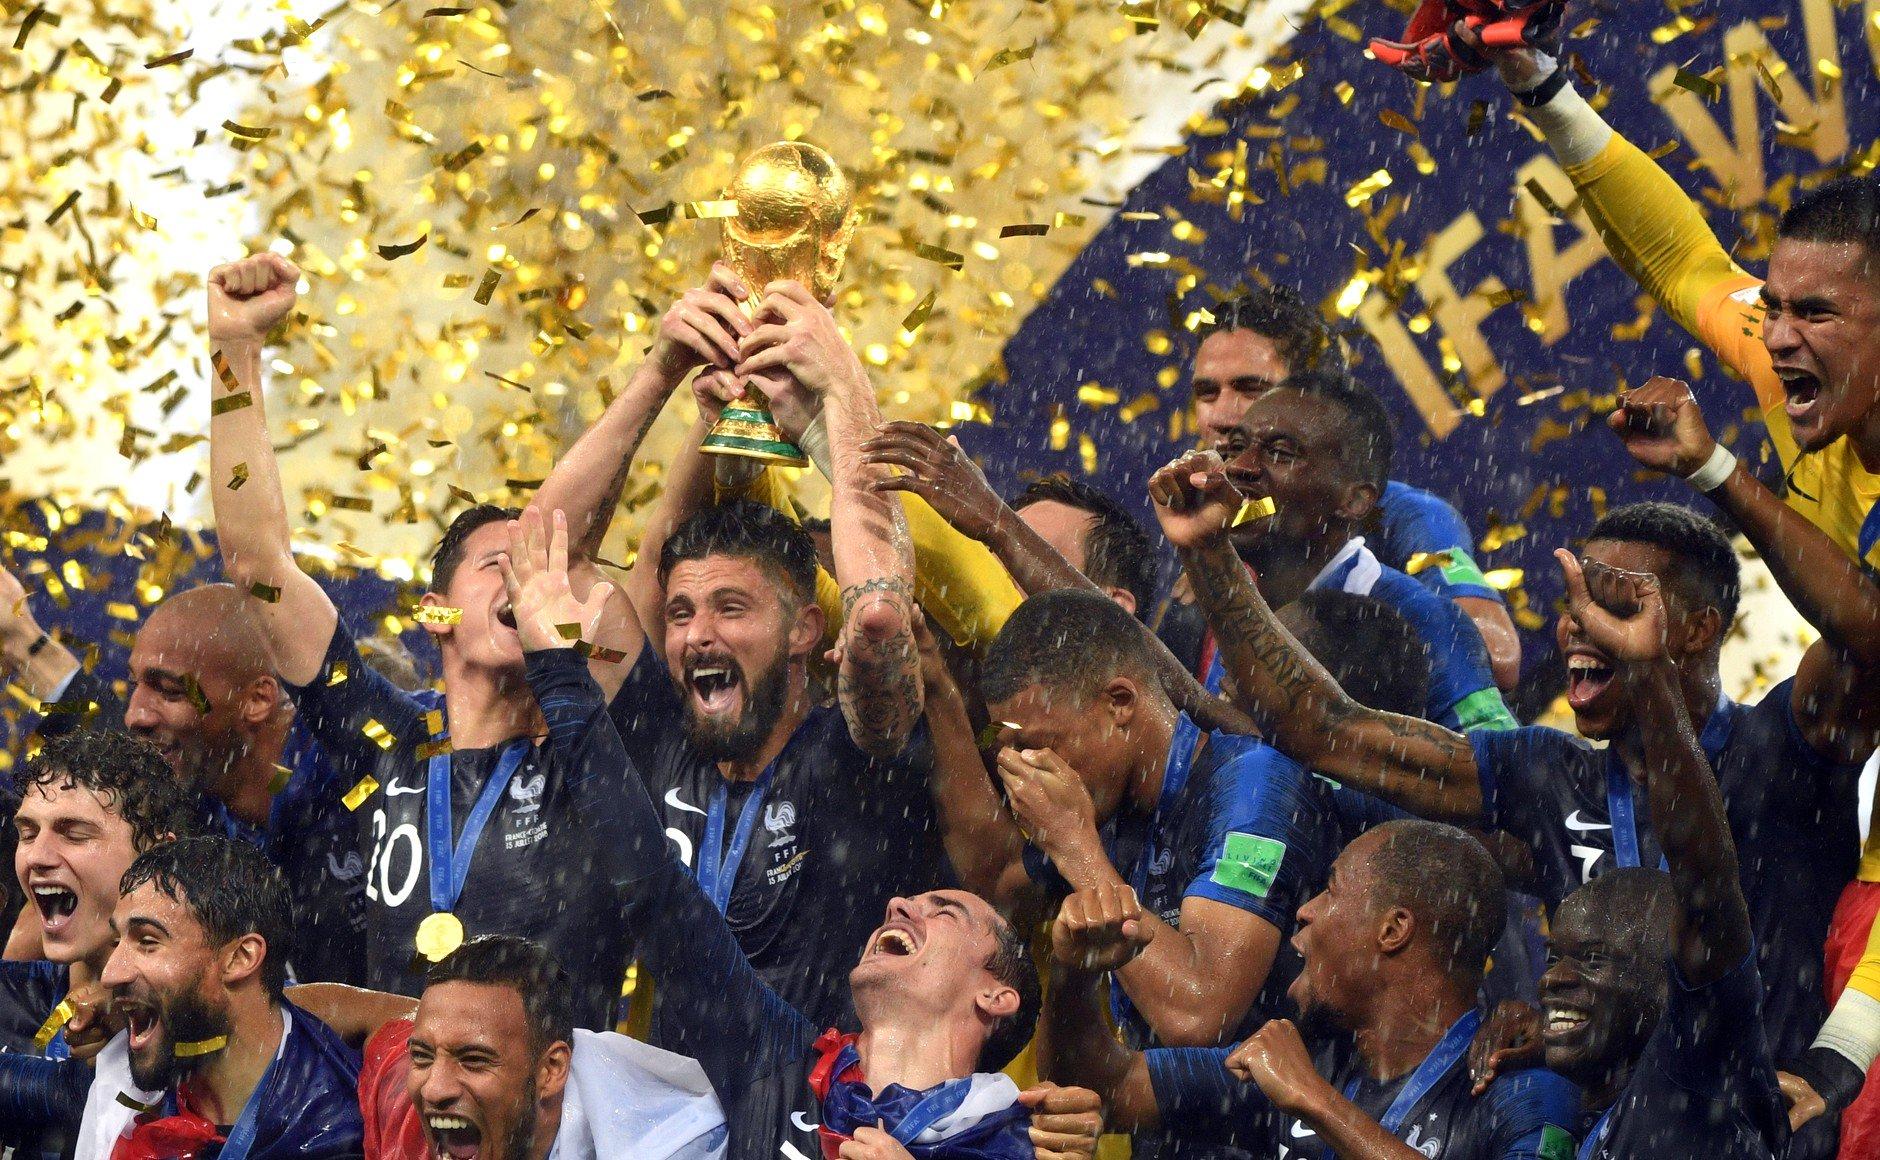 поздравление по футболу чемпионами мира строили